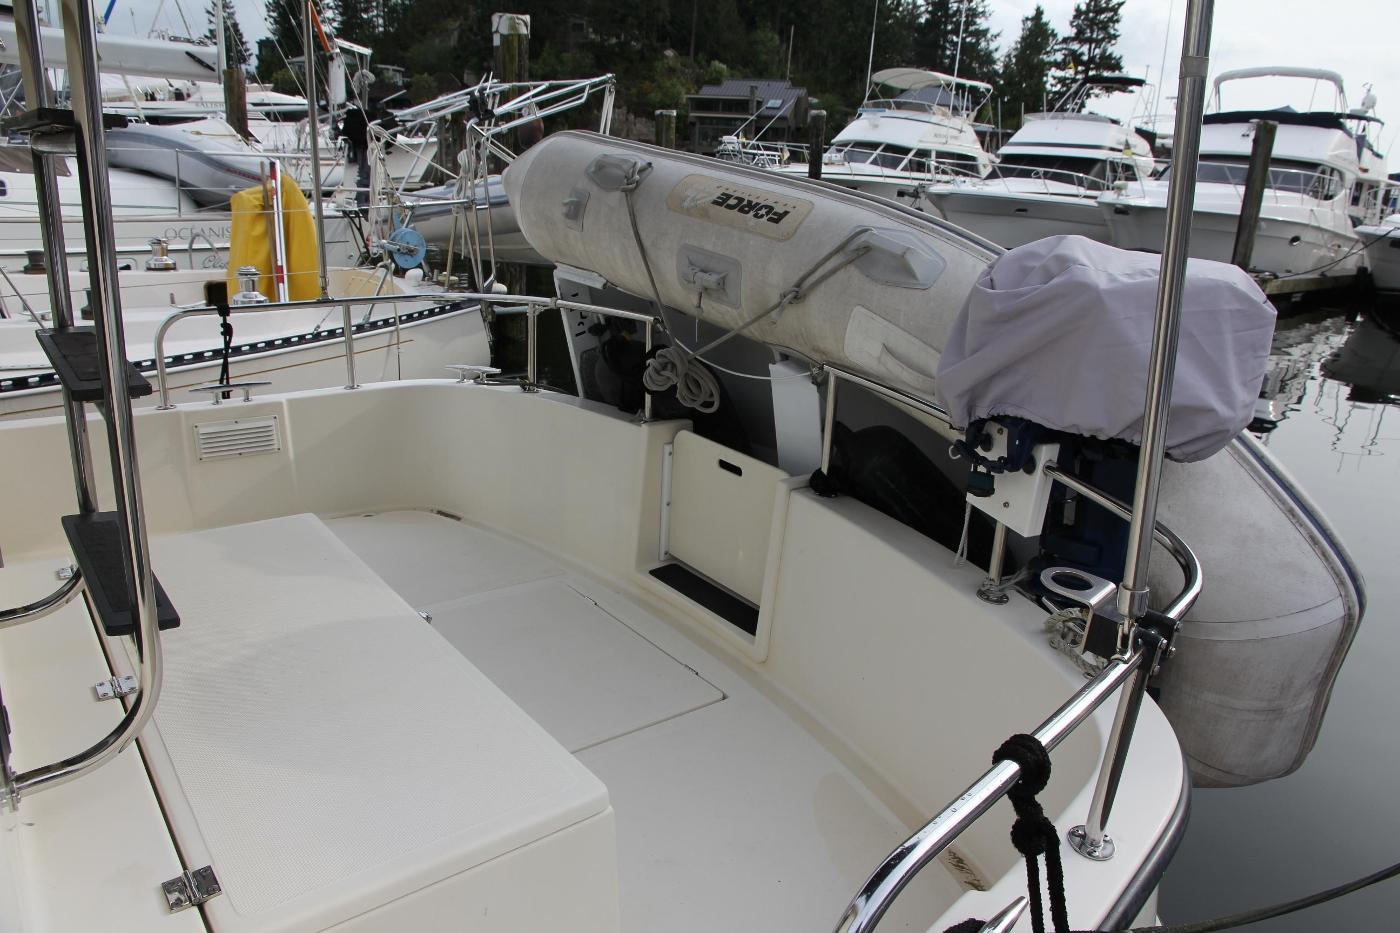 2001 Nordic Tugs 32 Pilothouse, Aft Cockpit